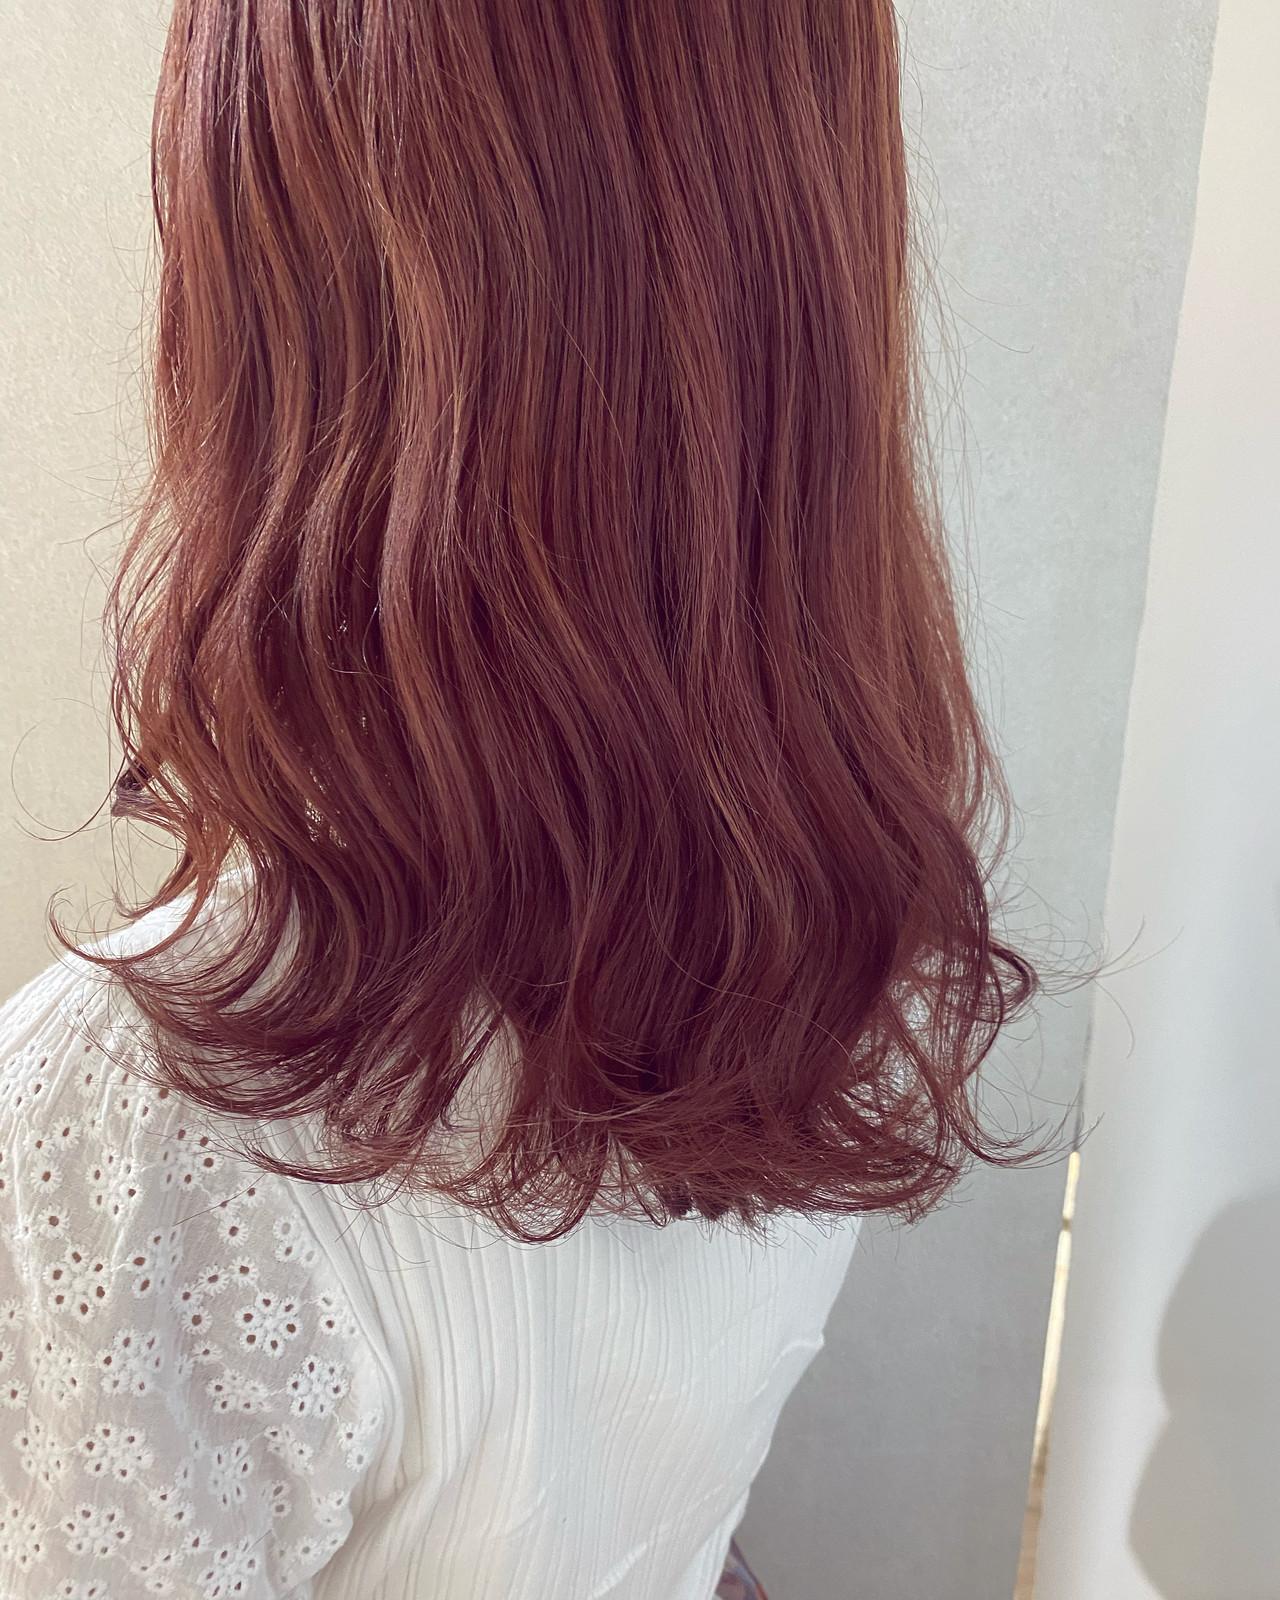 ラベンダーカラー ピンクブラウン ラベンダー ナチュラルヘアスタイルや髪型の写真・画像